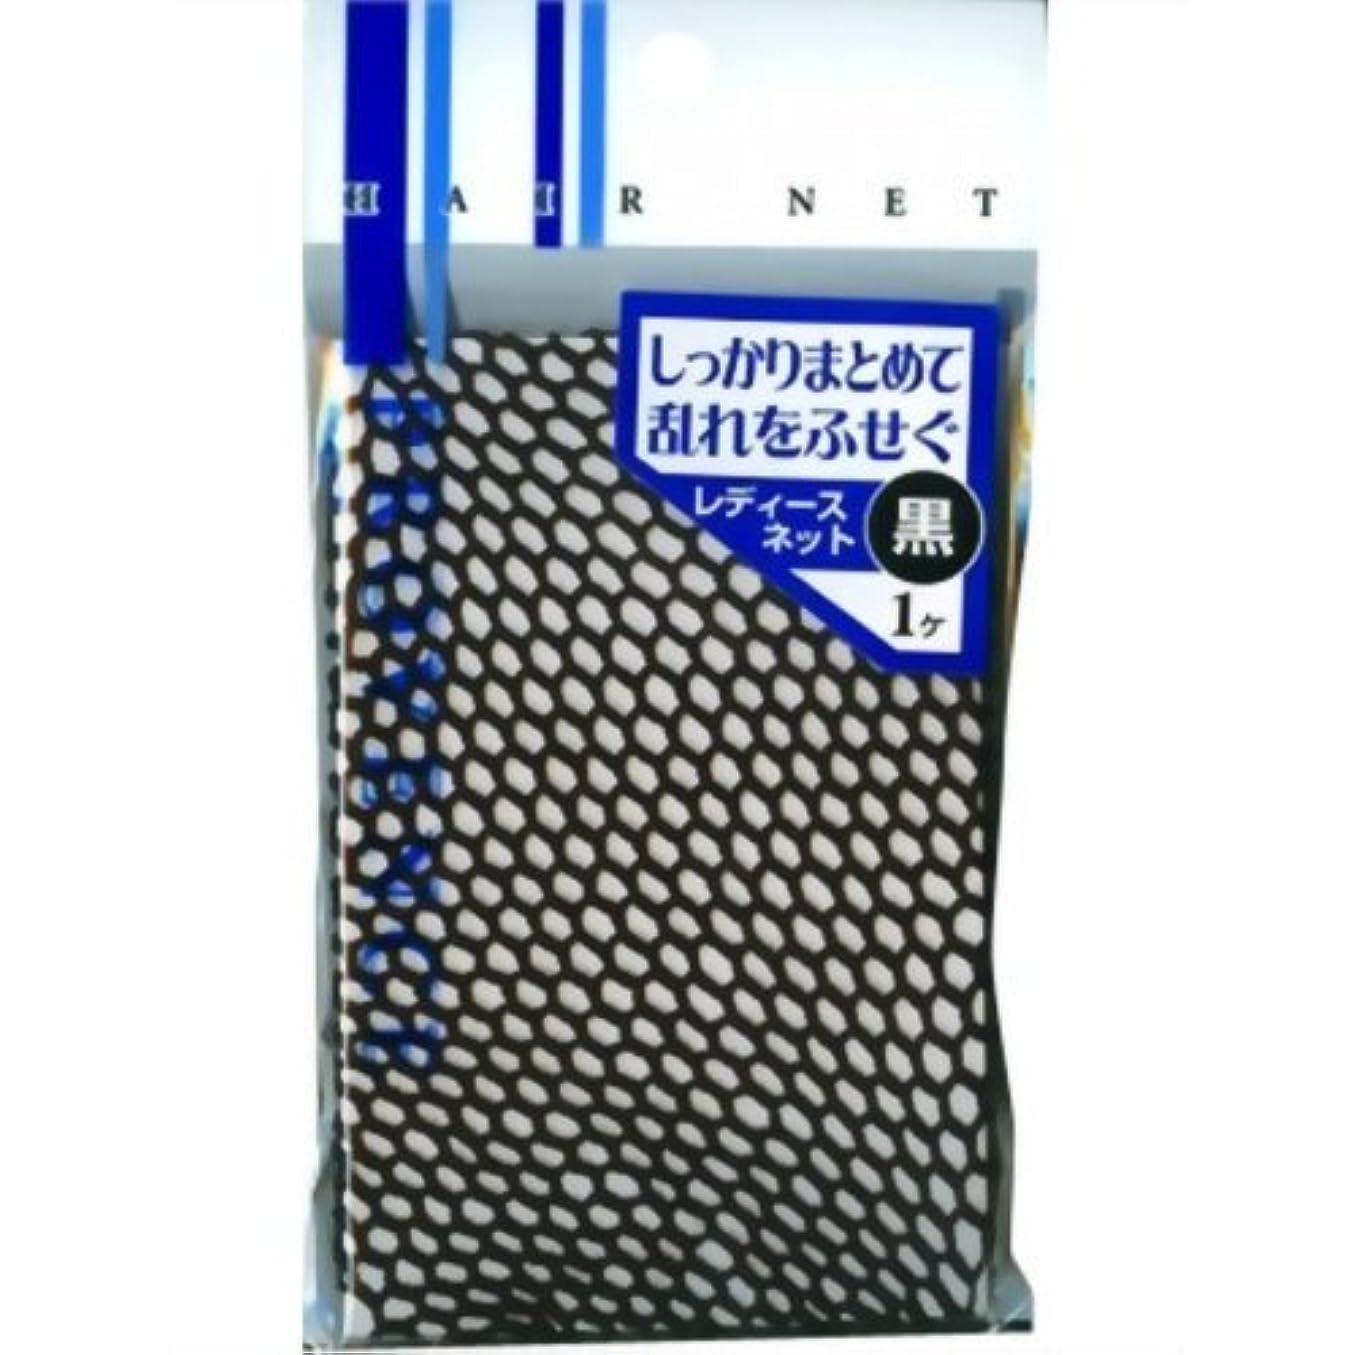 適切なバケツにおいSHO-BI レディスネット 黒 SPV40067 1個入 × 6個セット